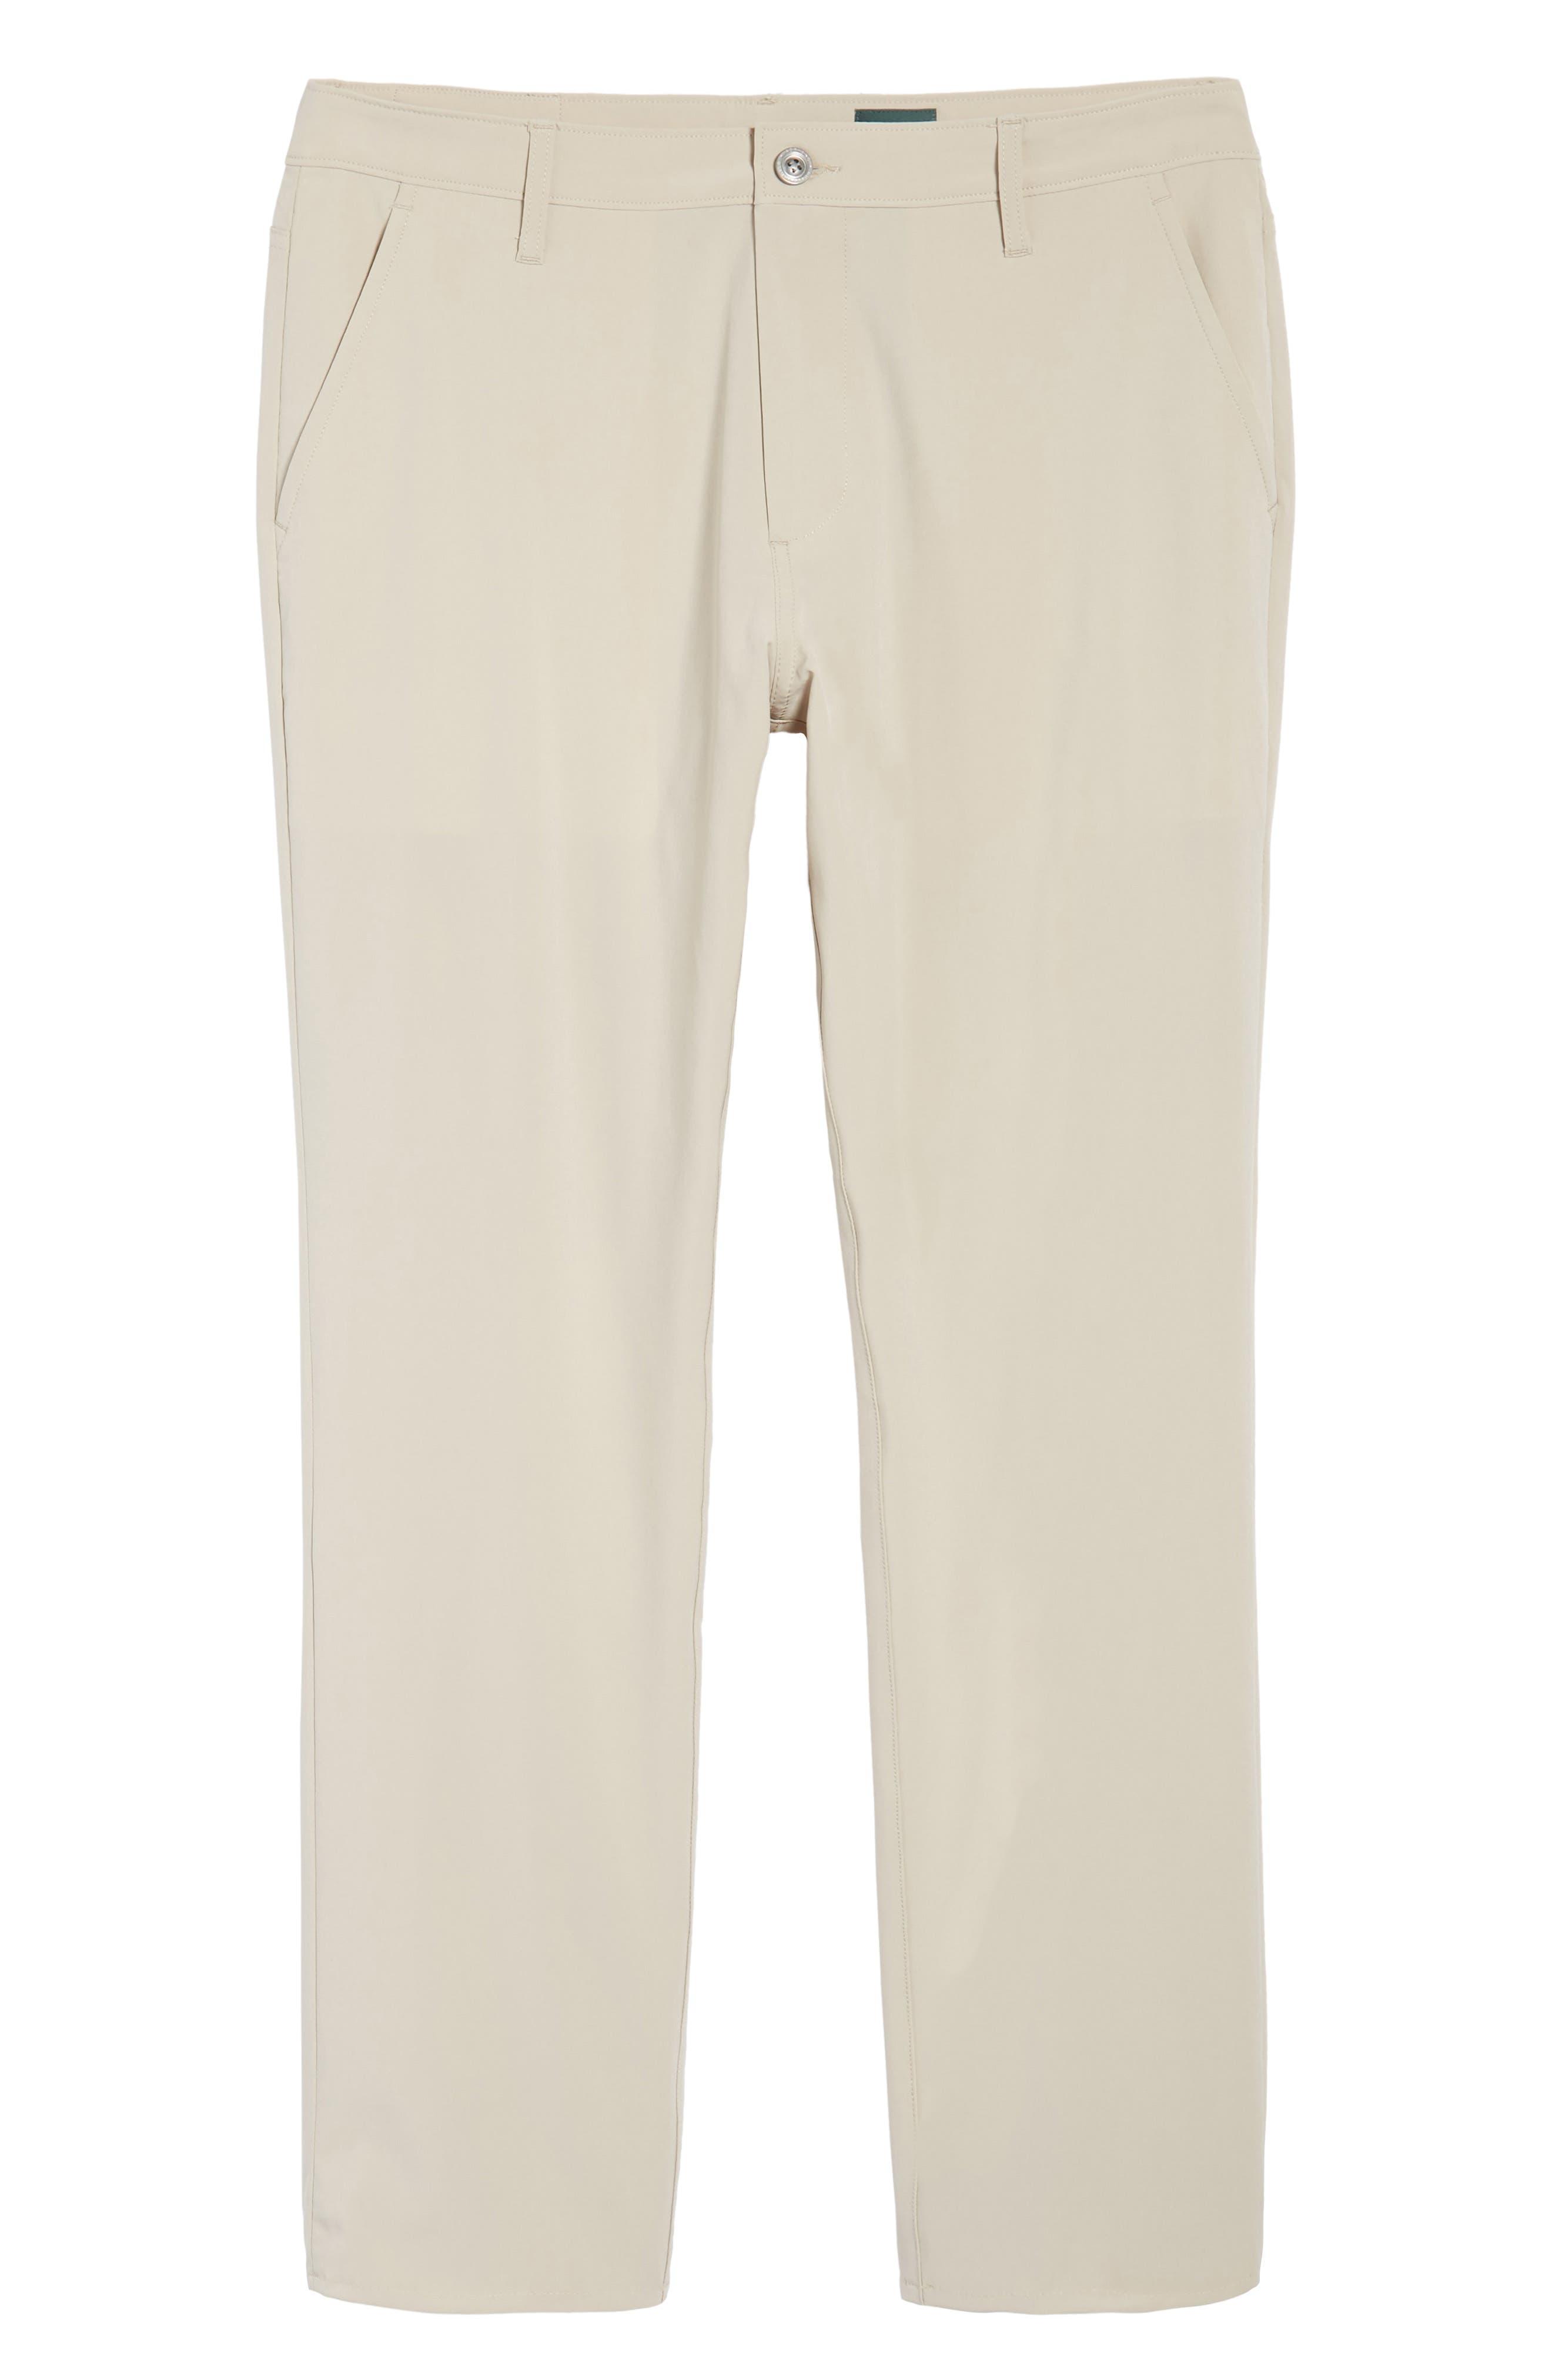 The Graduate Trousers,                             Main thumbnail 1, color,                             Desert Beige